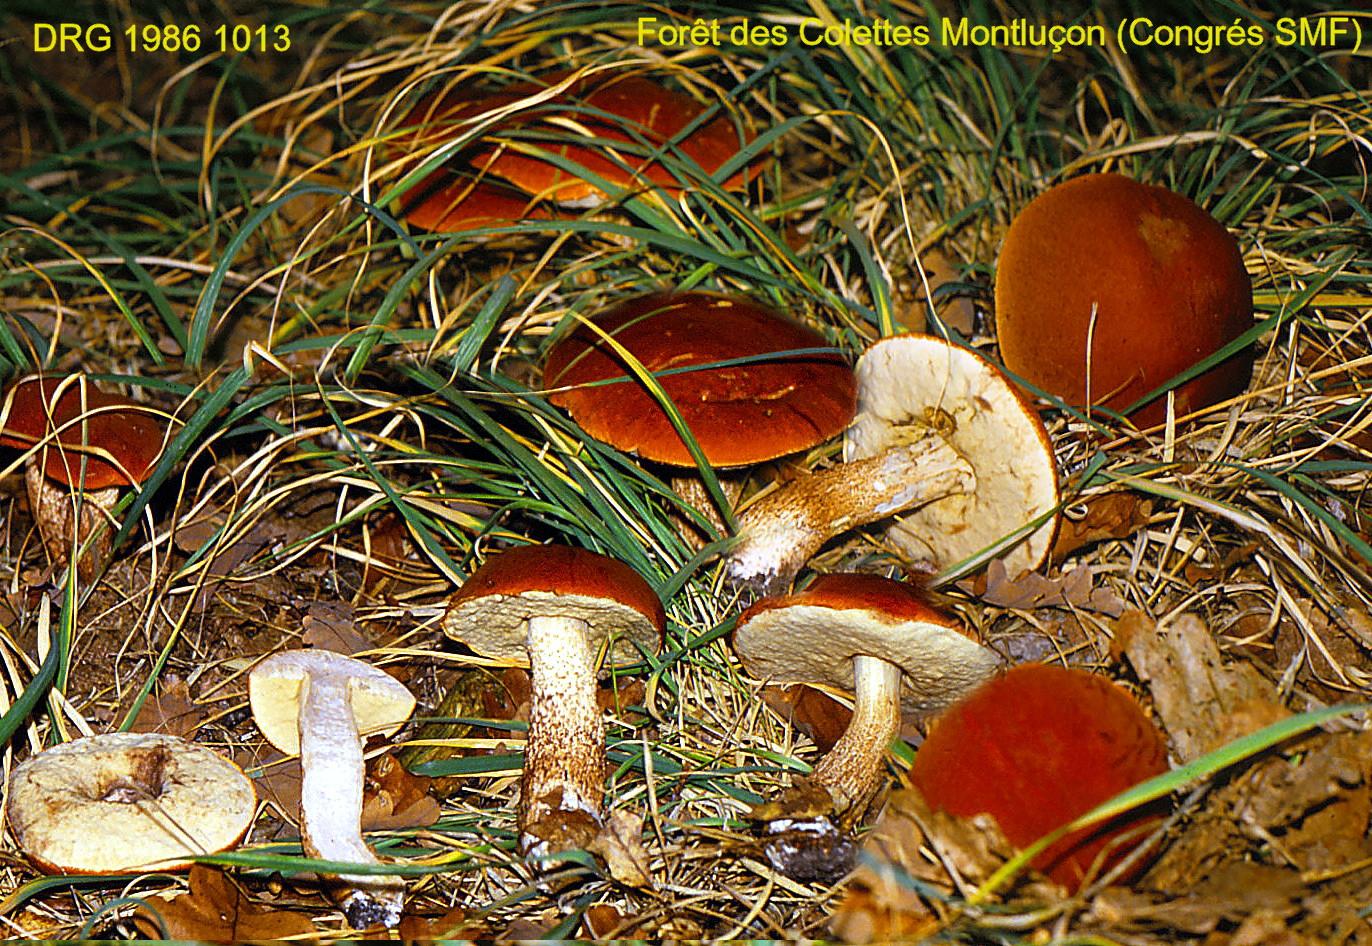 Leccinum_quercinum_1986_1013_montluconb